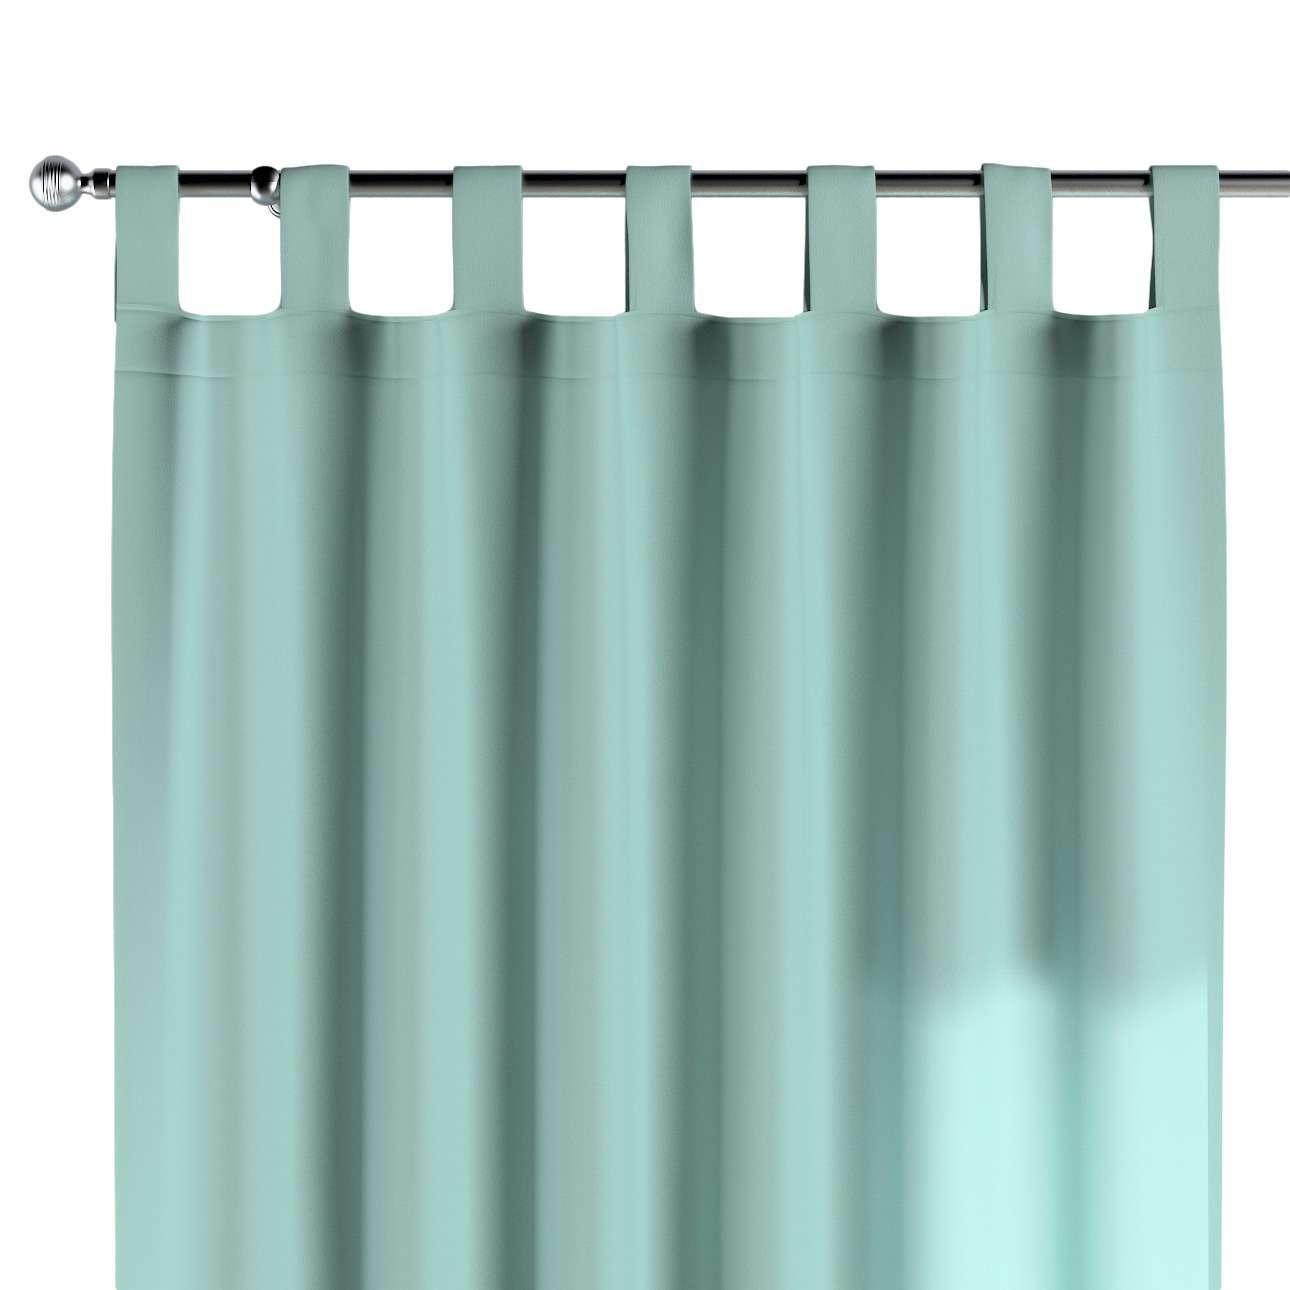 Zasłona na szelkach 1 szt. 1szt 130x260 cm w kolekcji Loneta, tkanina: 133-32